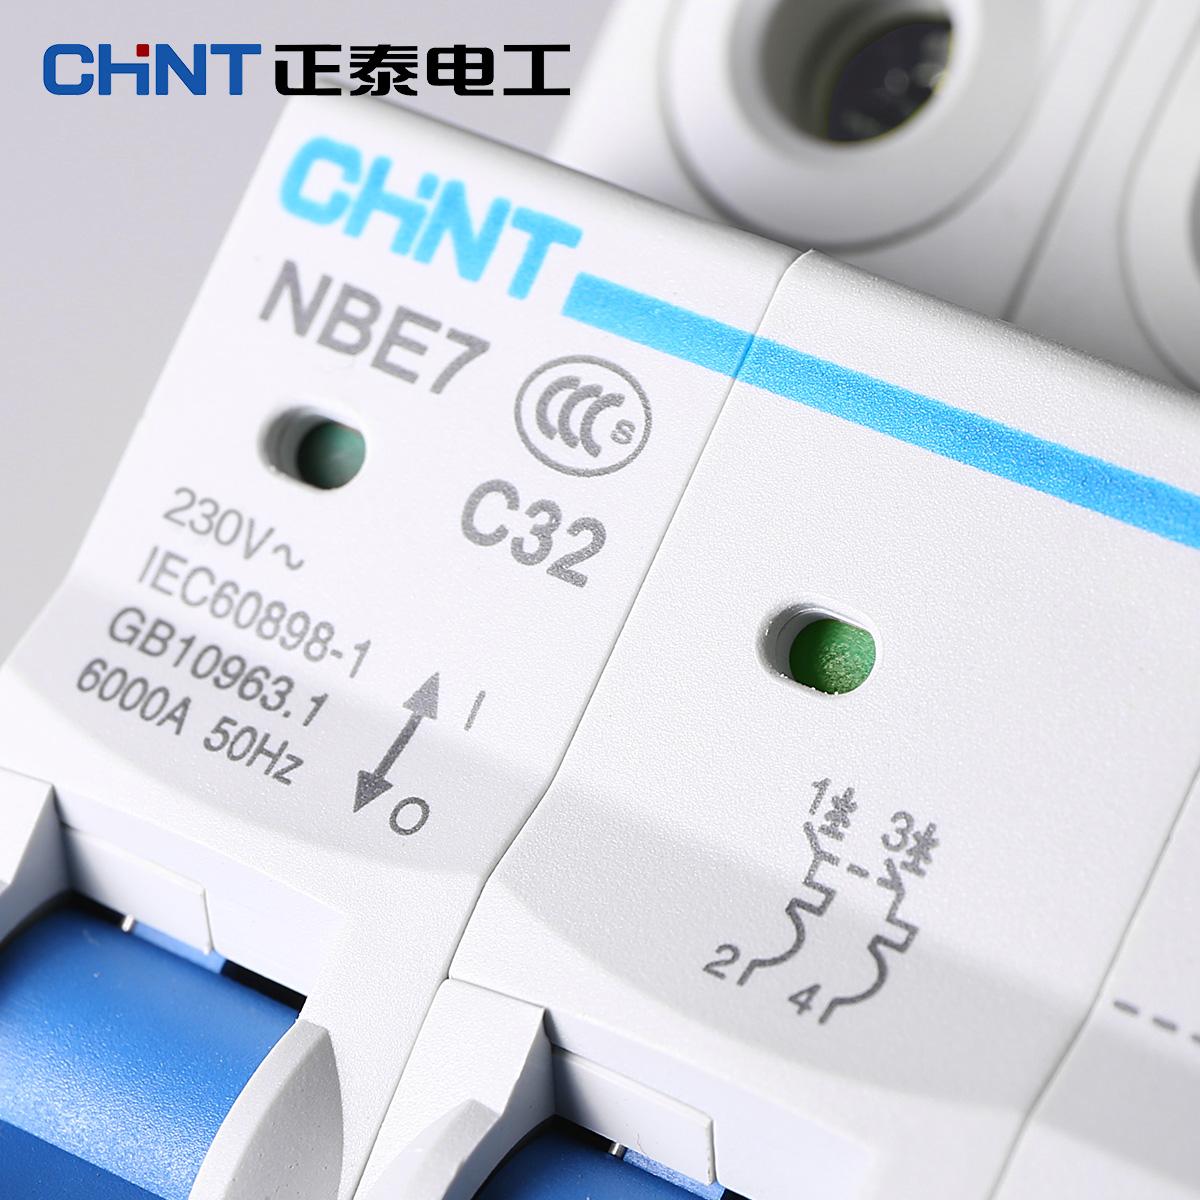 正泰漏电断路器C32 两项家用带触电保护空气开关NBE7LE 2P 32A